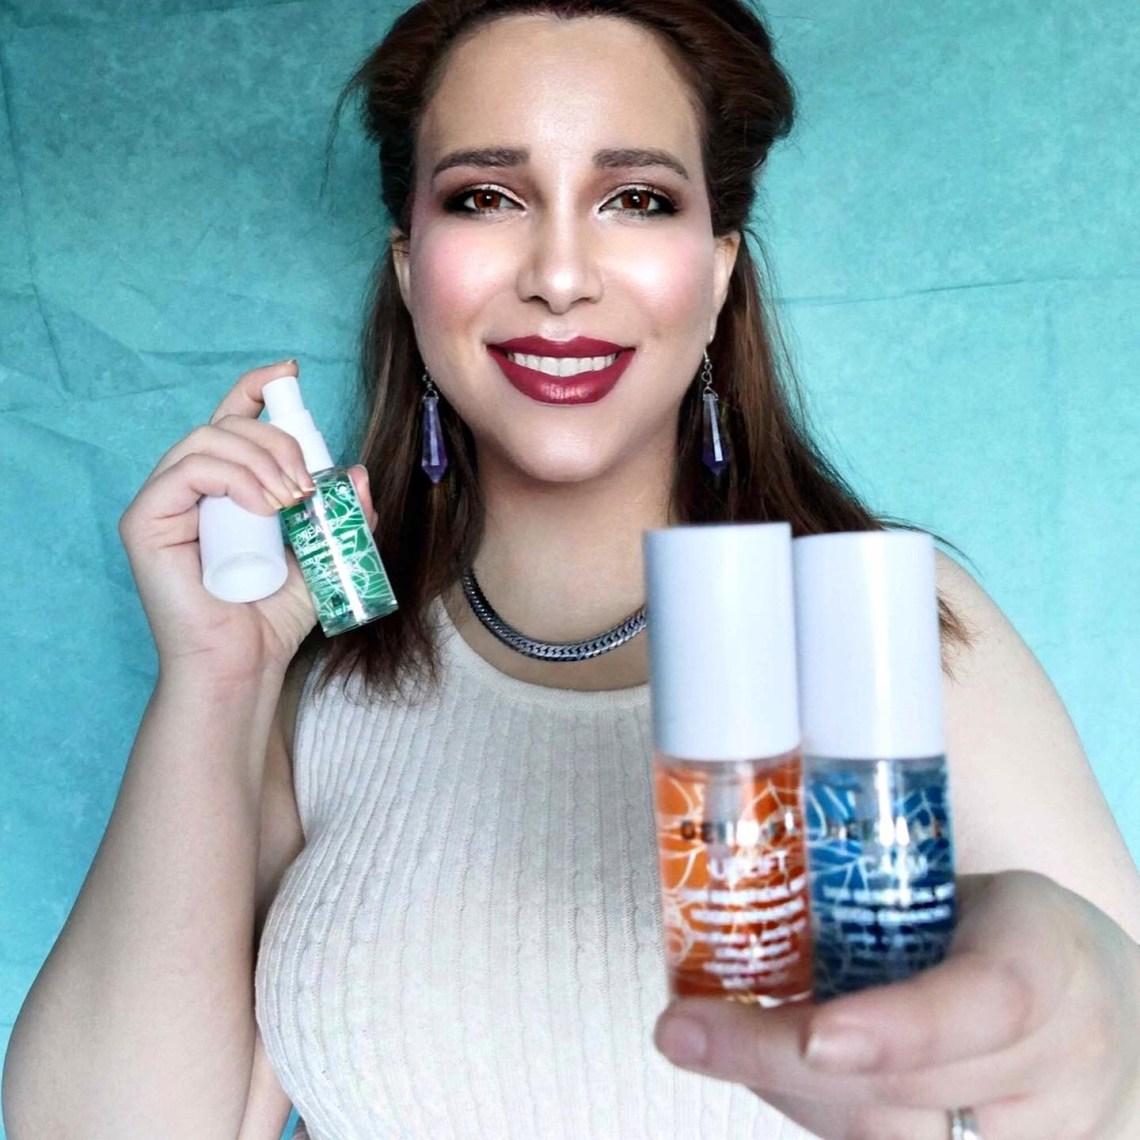 Dermae-mood-scent-spray-create-uplift-Calm-best